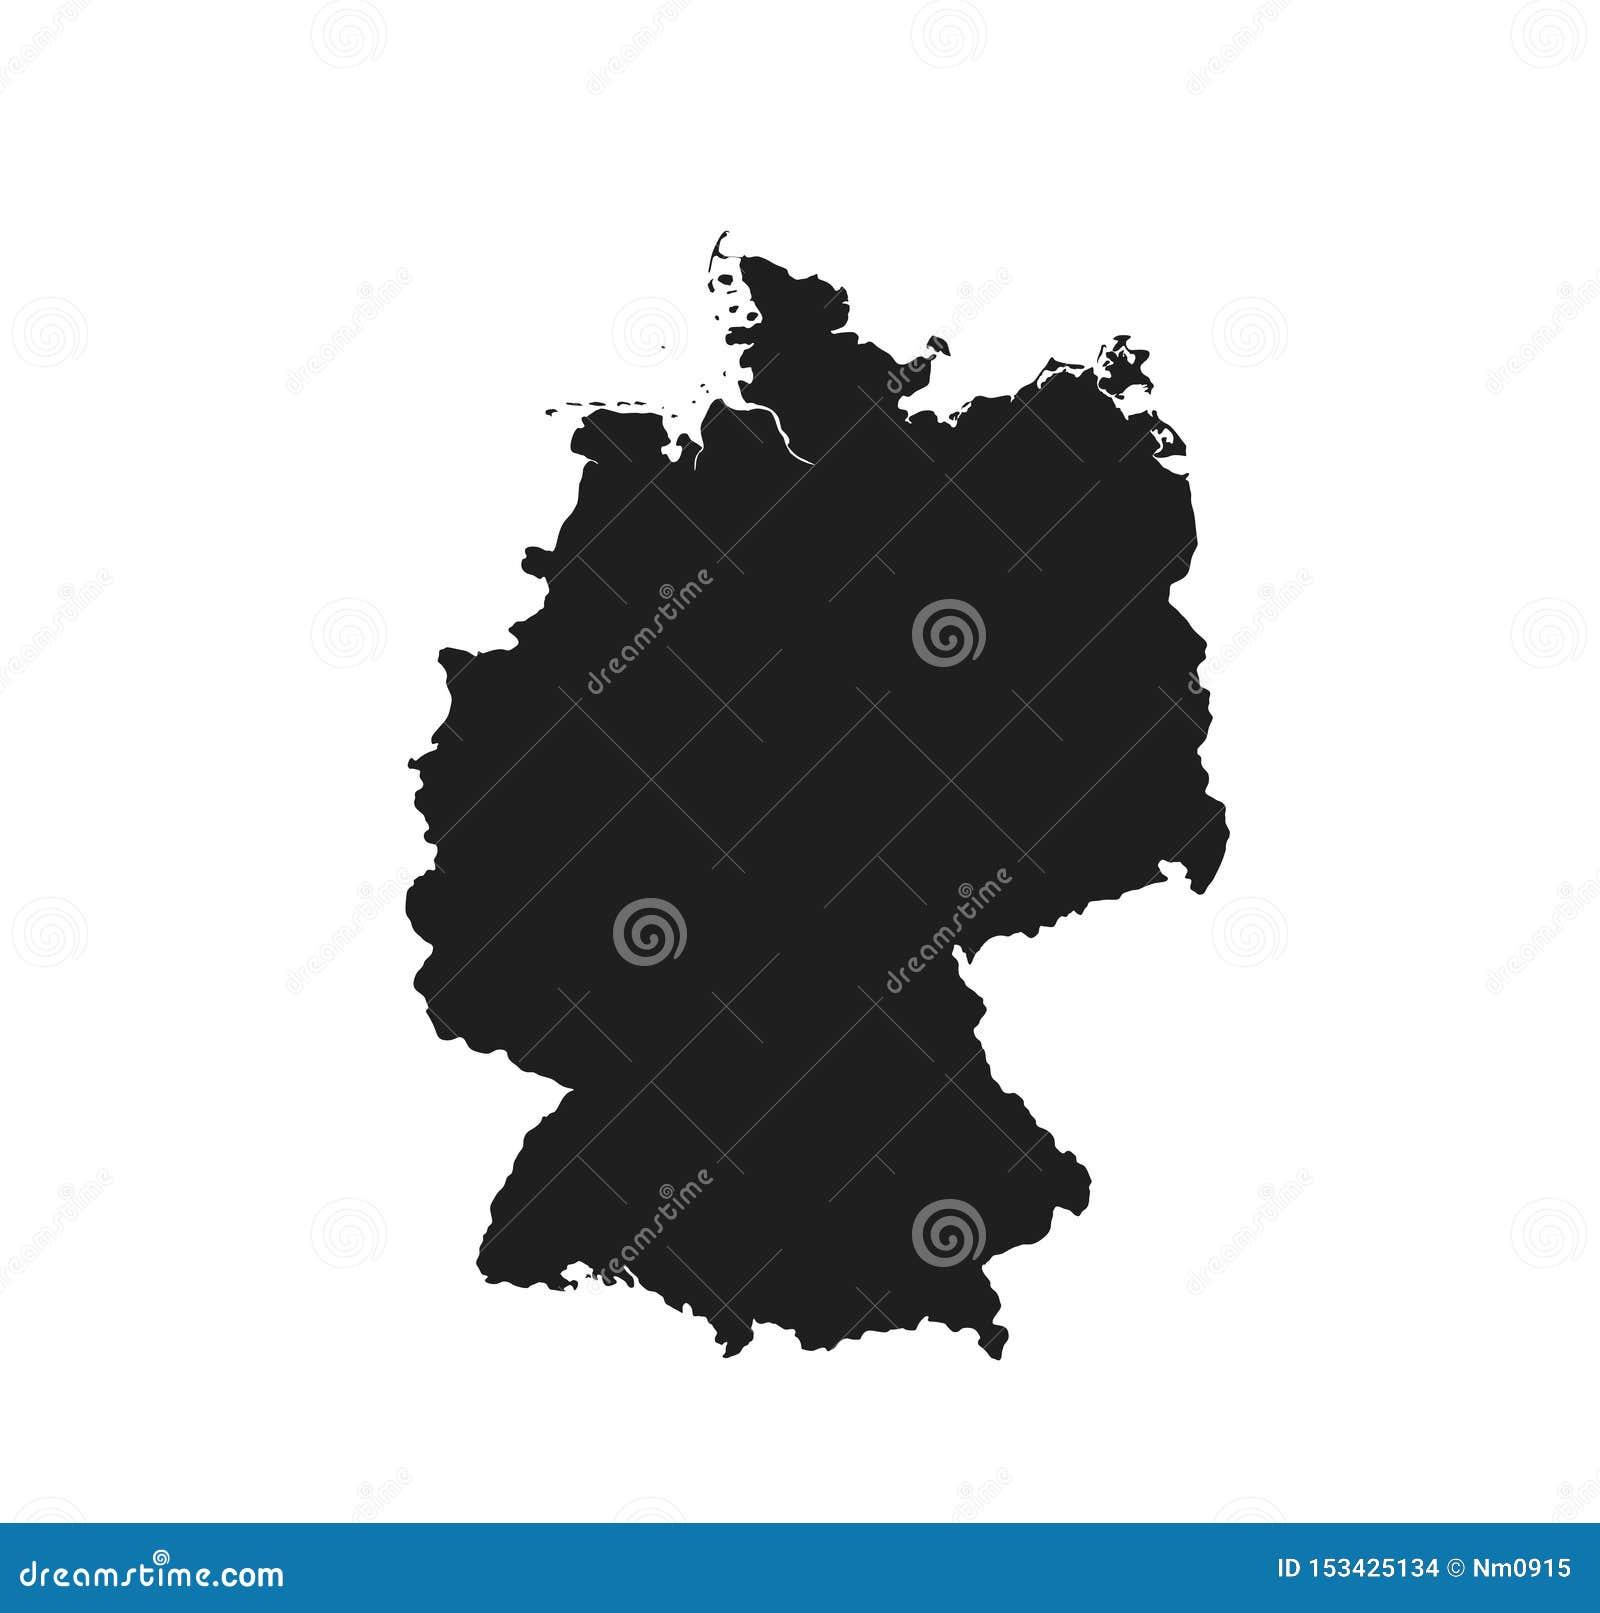 Icono del mapa de Alemania país aislado vector negro de Europa de la imagen de la silueta